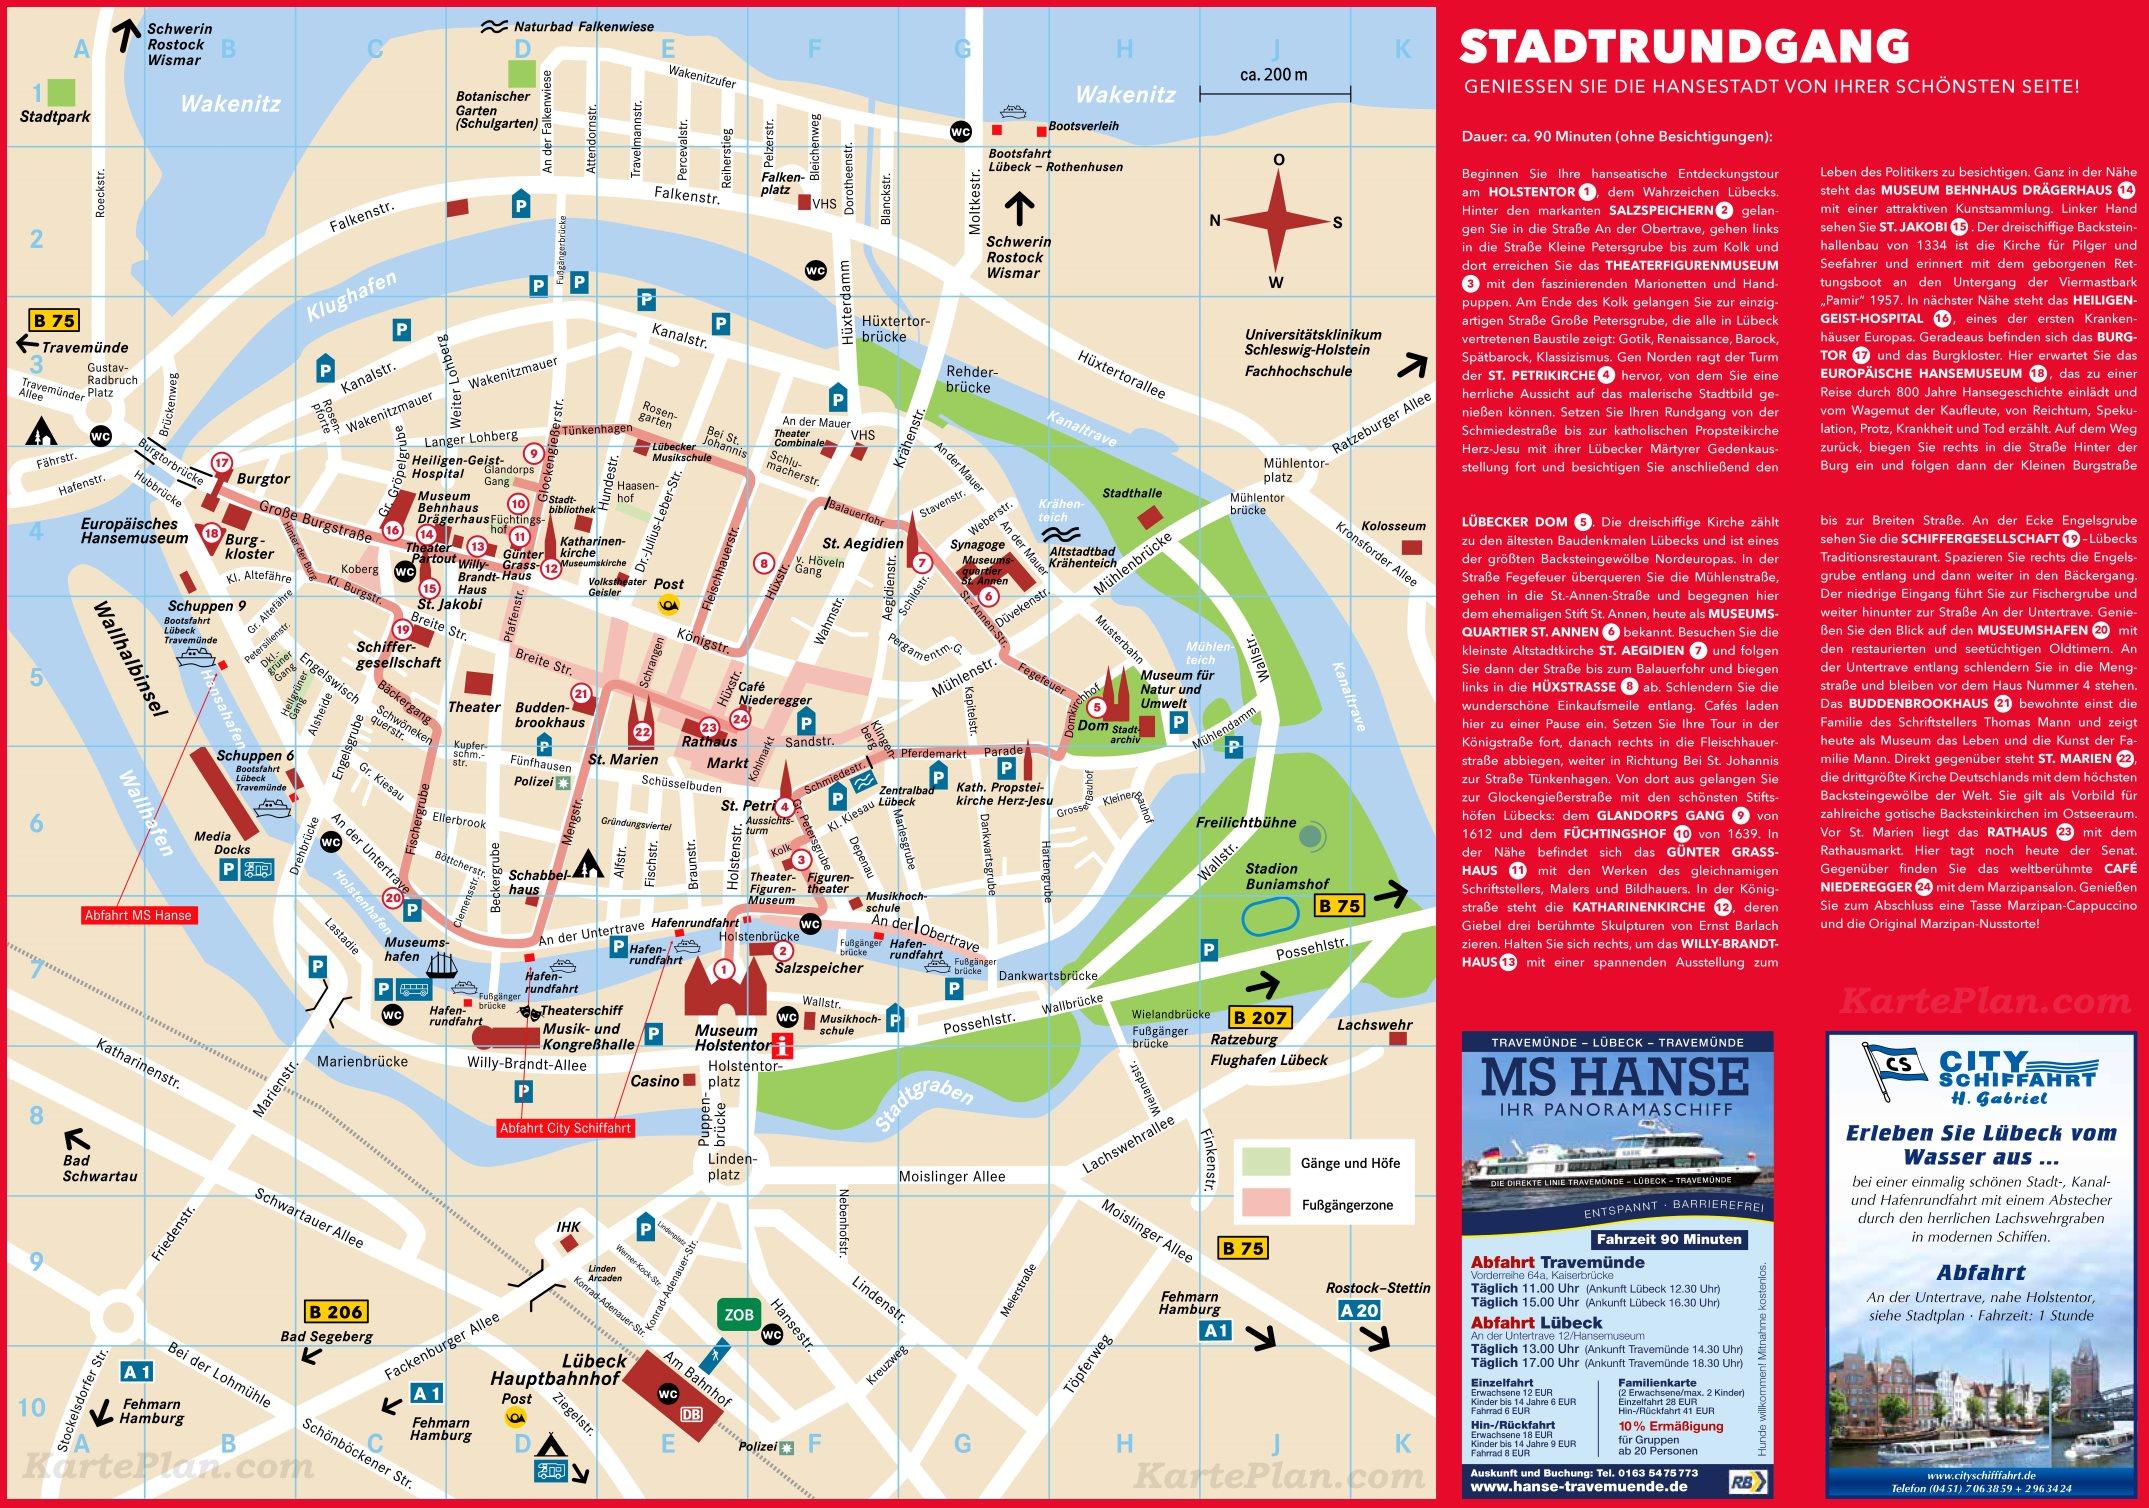 Karte Lübeck.Stadtplan Lübeck Mit Sehenswürdigkeiten